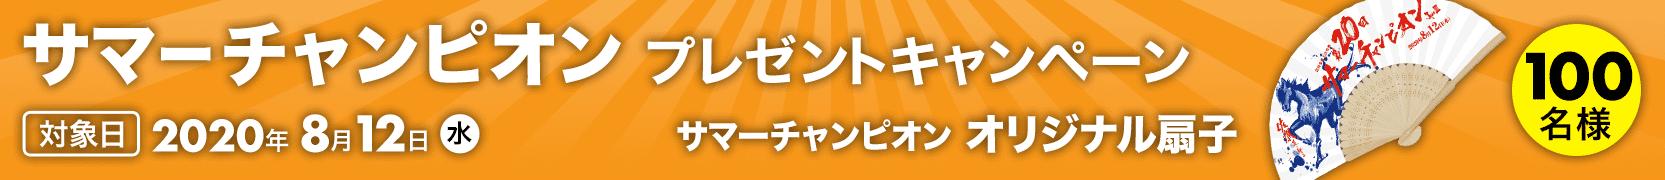 サマーチャンピオン[JpnIII]プレゼントキャンペーン